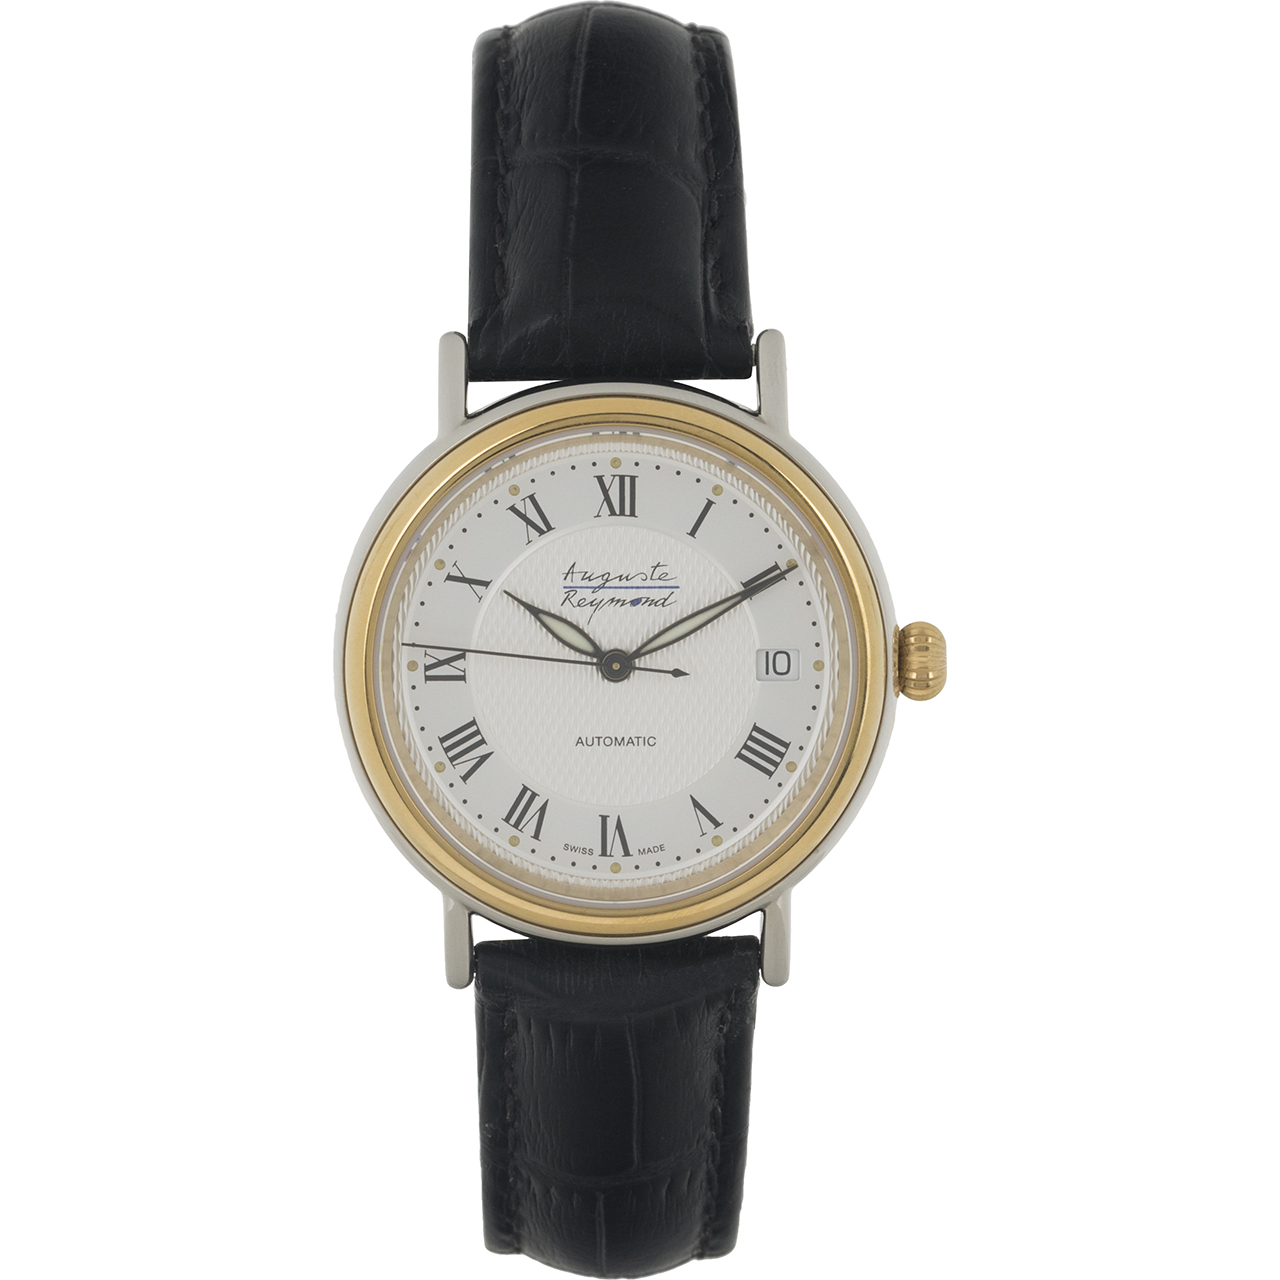 ساعت مچی عقربه ای مردانه آگوست ریموند مدل M-39B545-56A 57